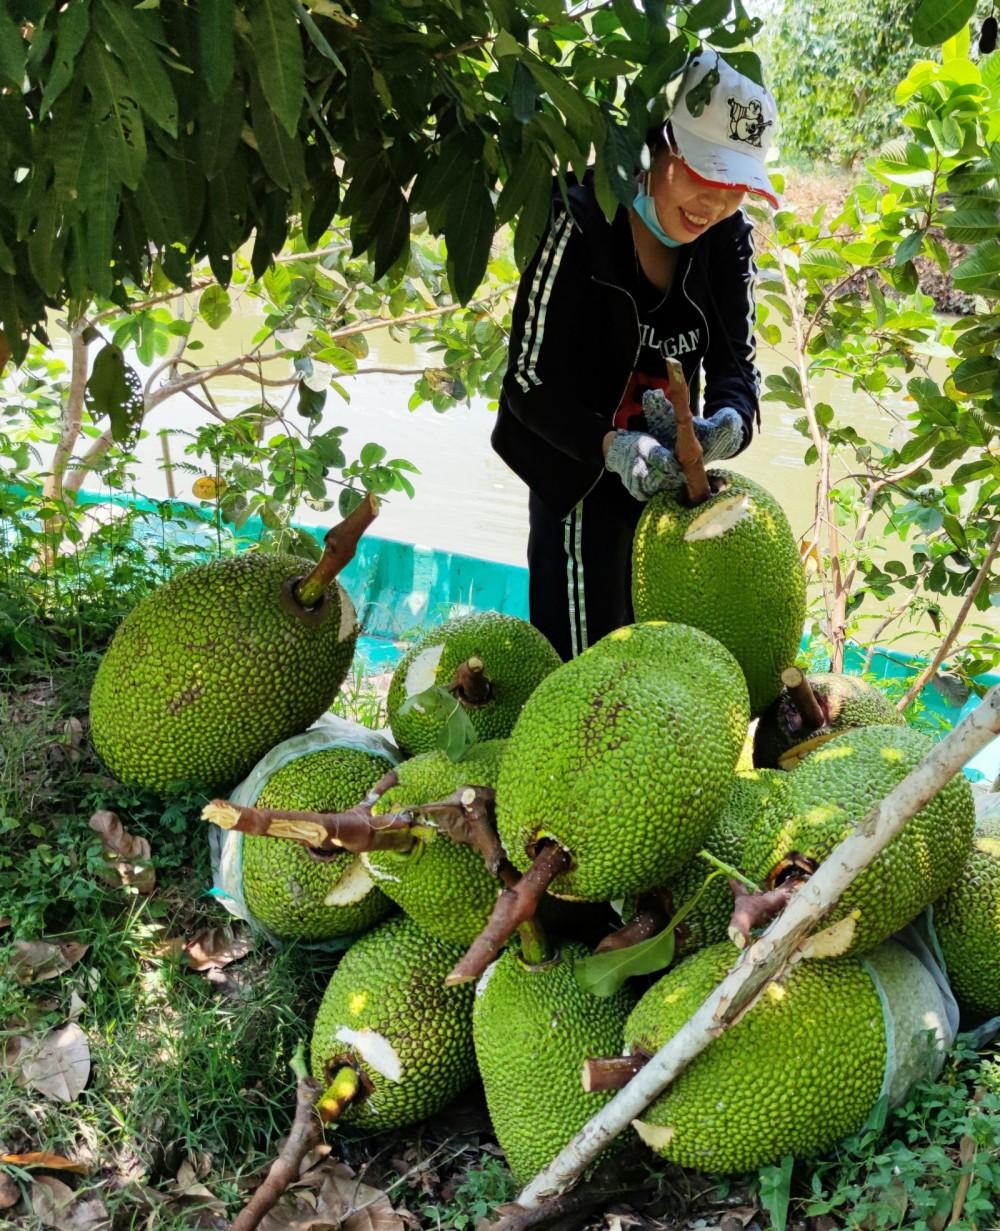 Thu hoạch mít Thái tại vườn của một hộ dân ở huyện Cờ Đỏ, TP Cần Thơ.